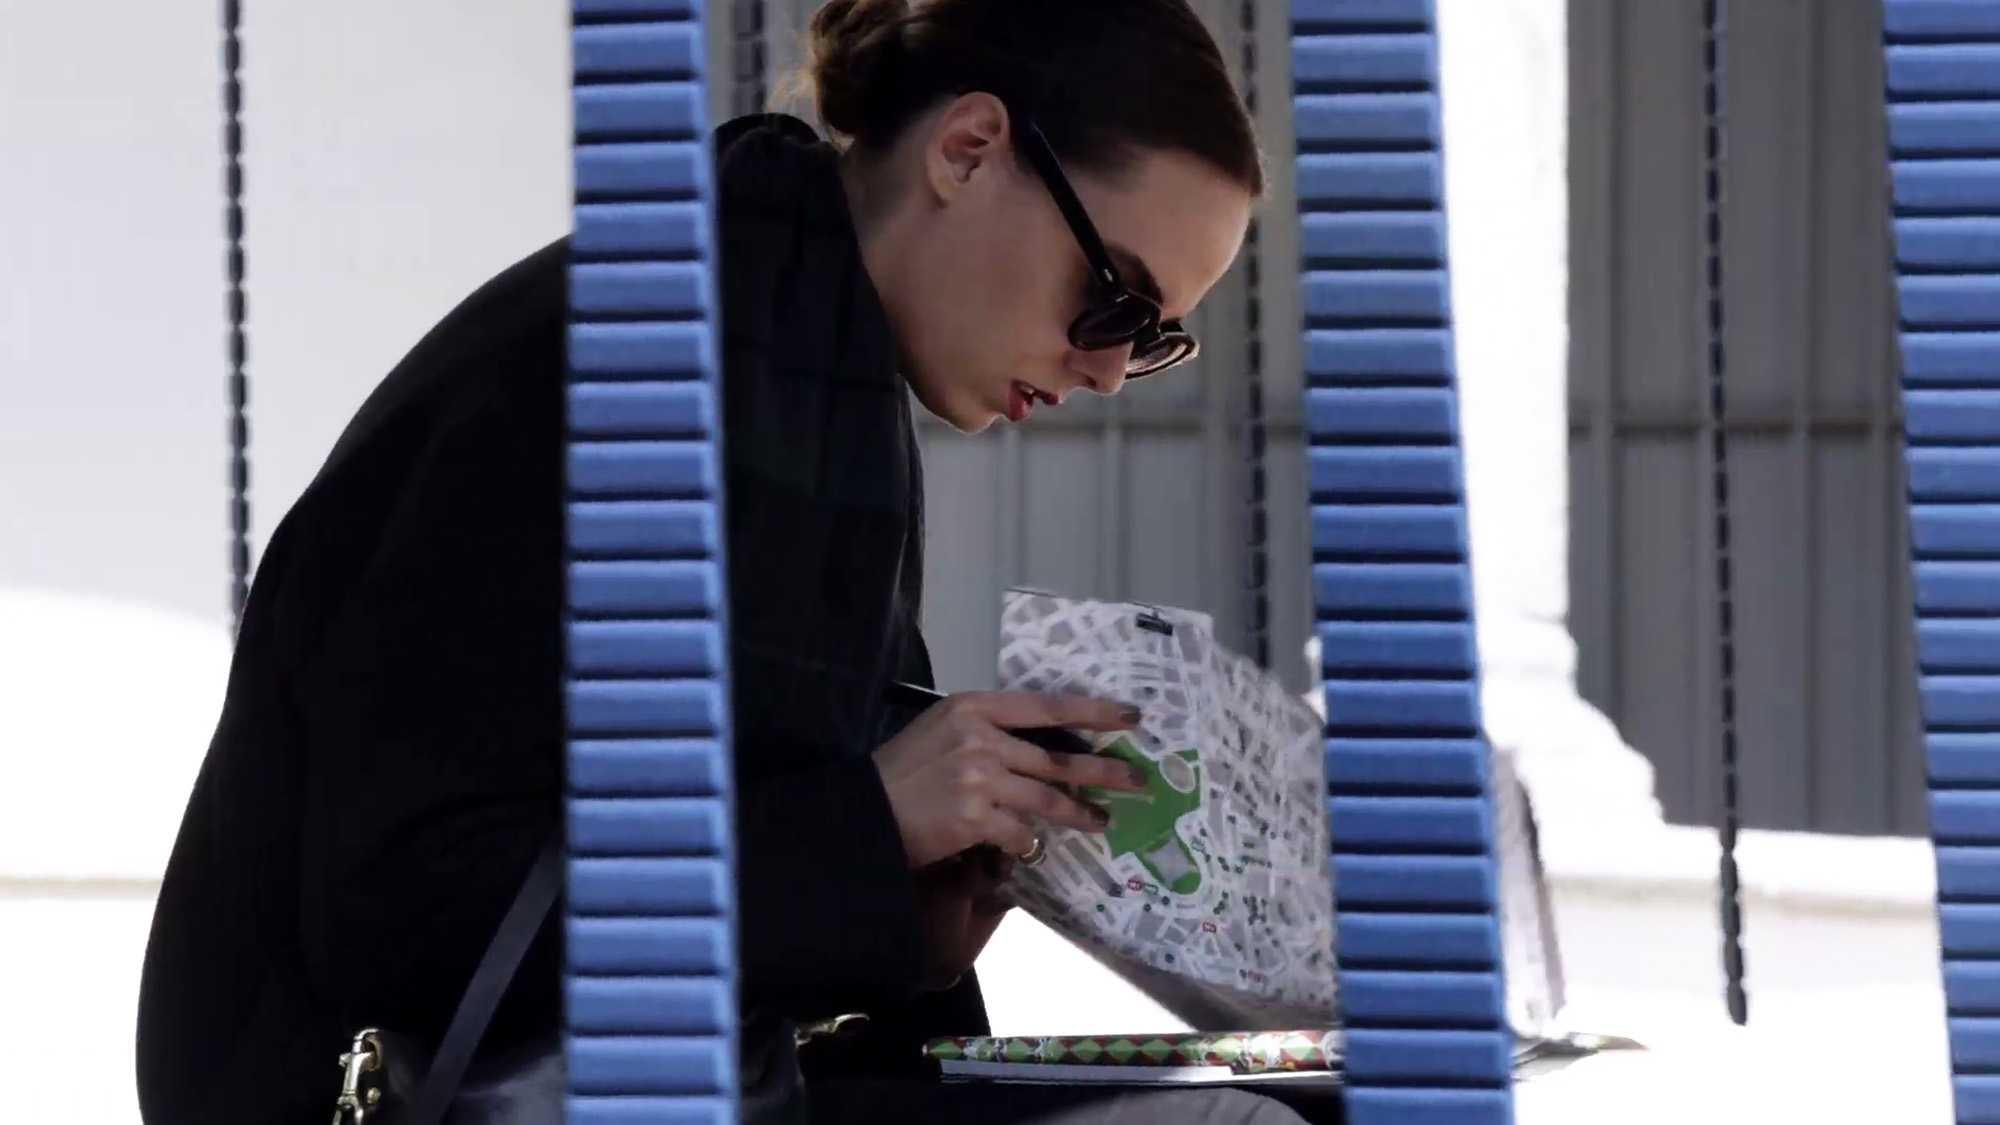 Das Bild zeigt eine sitzende Frau. Sie hält eine Stadtkarte in ihrer Hand. Sie trägt eine schwarze Sonnenbrille und schwarze Kleidung. Ihr Blick ist auf die Karte gerichtet. Im Vordergrund sind blaue Streifen, die durch das Bild laufen, zu sehen. Das Bild dient als Making Of Bild für den Portfolioeintrag BMW Quiet Motion von Panda Pictures.